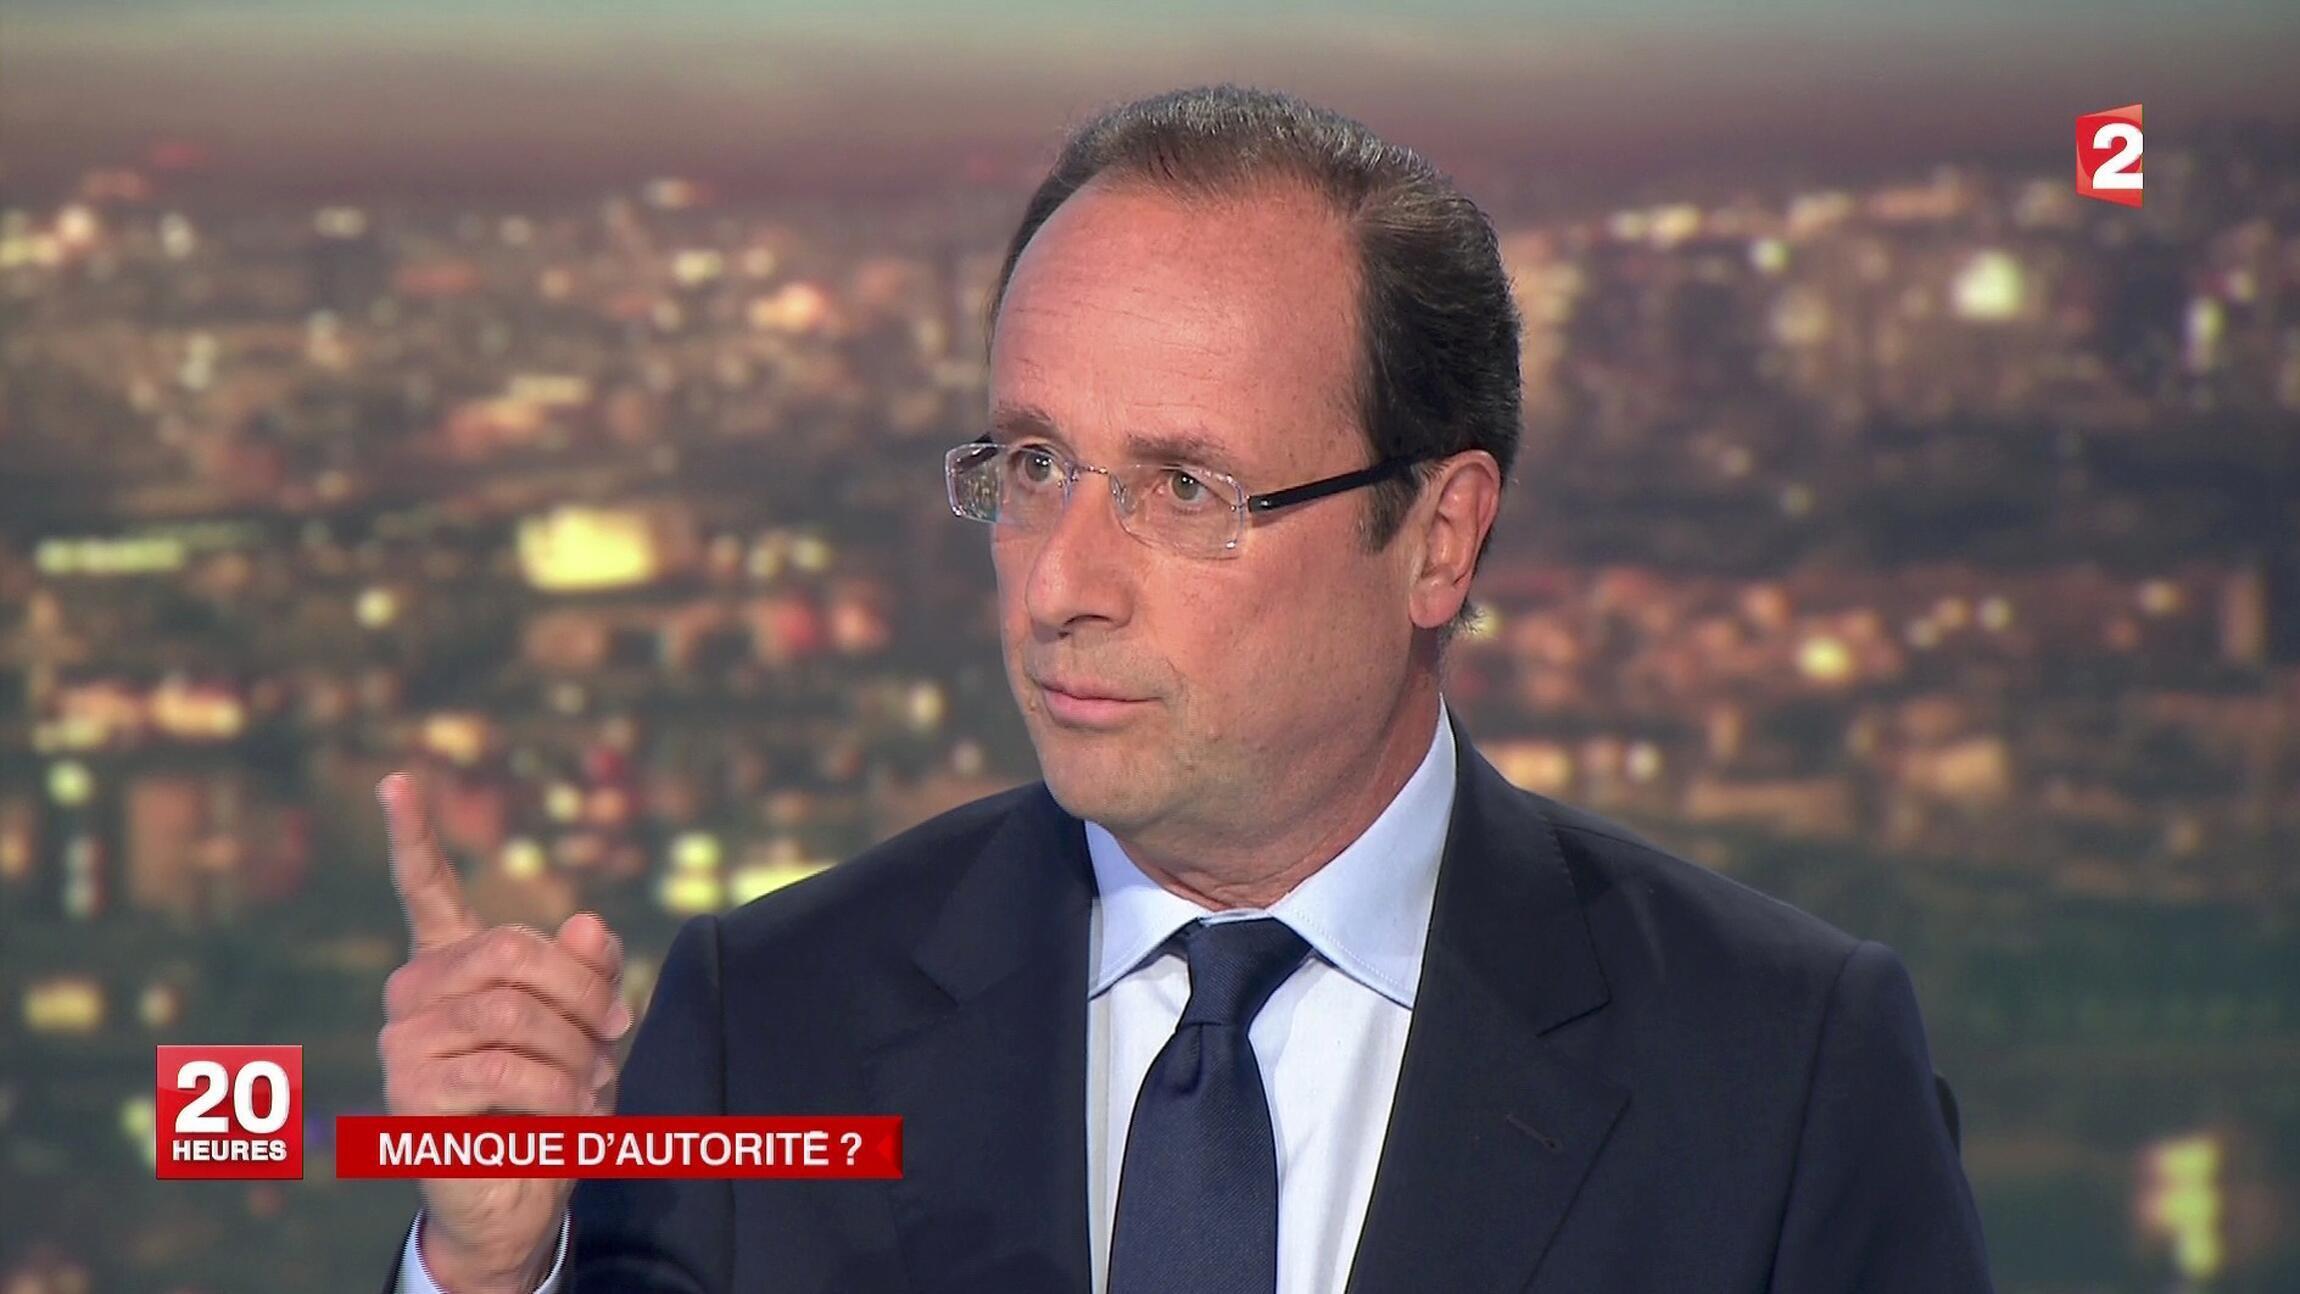 François Hollande durante entrevista no telejornal do canal France 2.